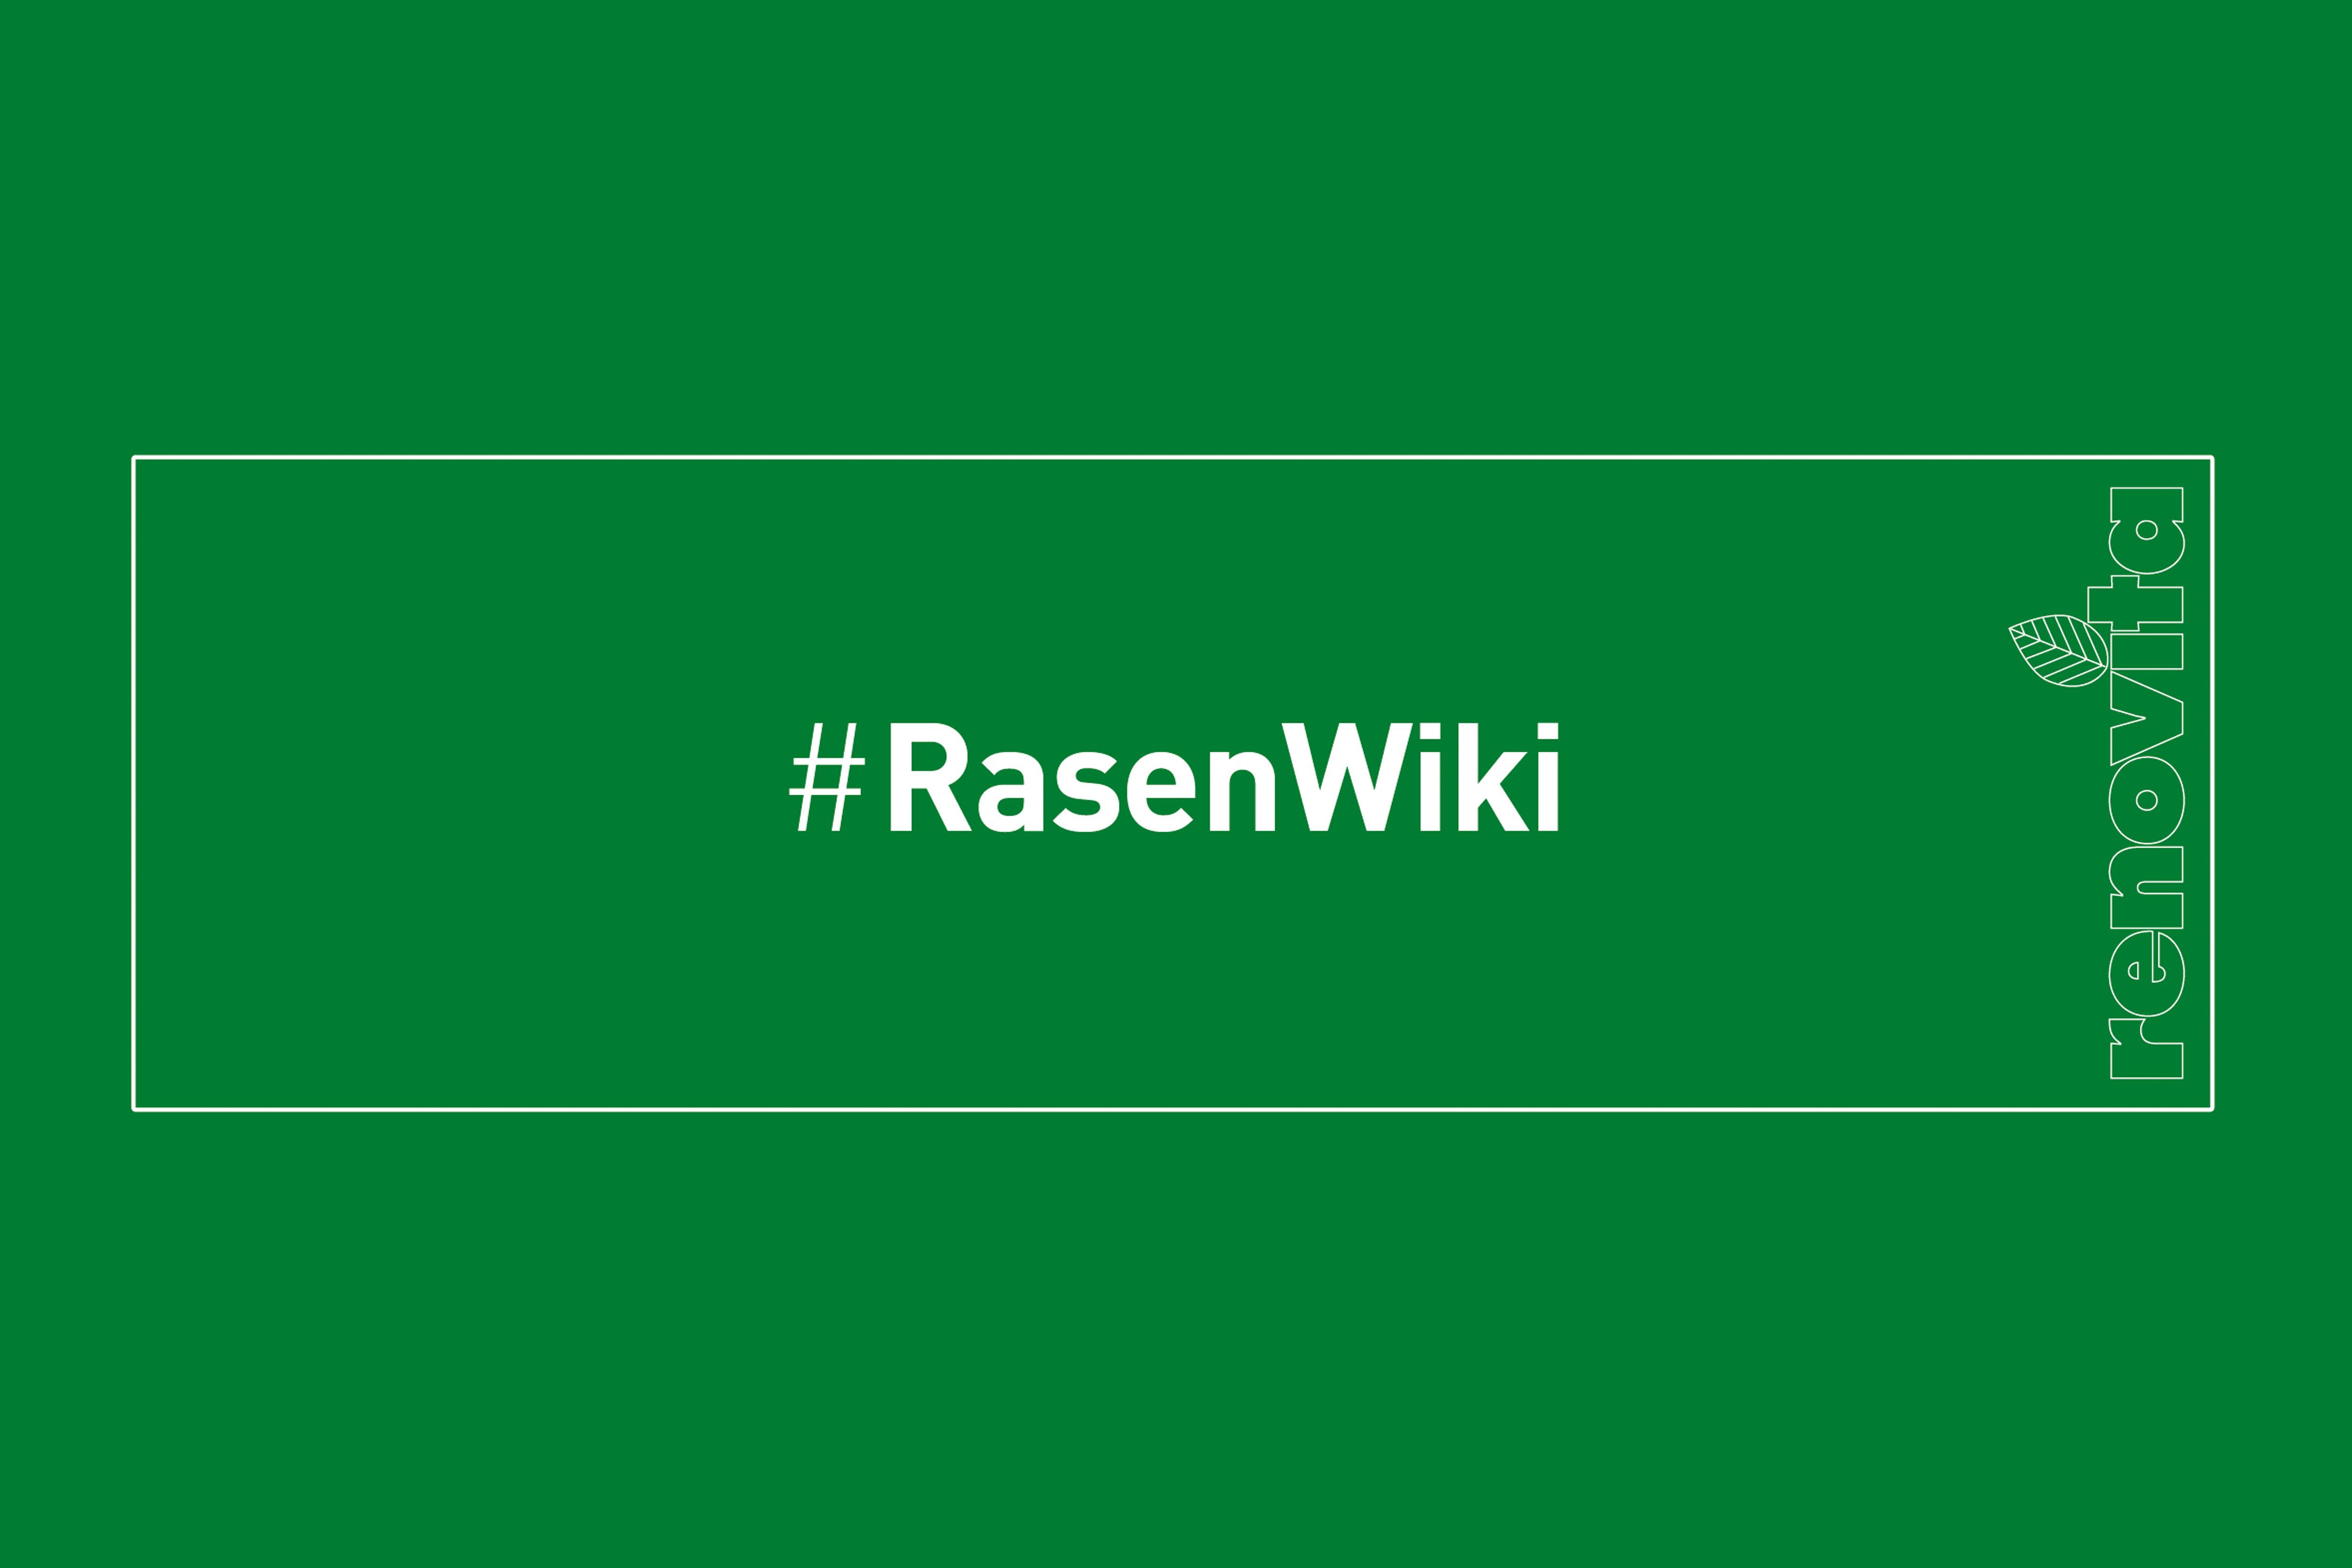 #RasenWiki